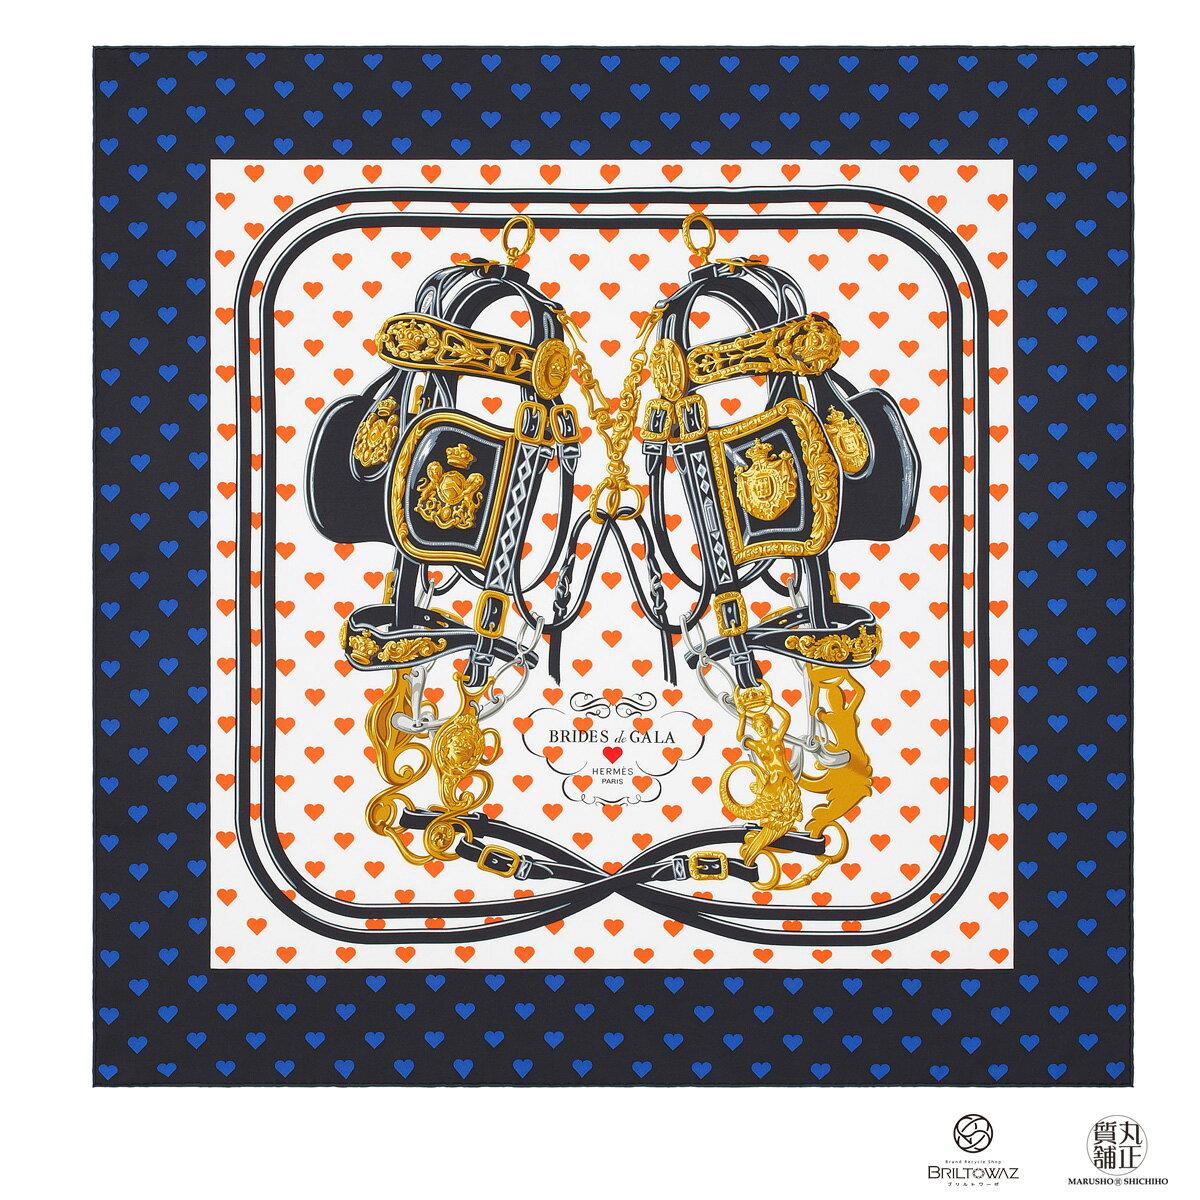 【送料無料】【あす楽】エルメス カレ45 シルクスカーフ 2017年秋冬 BRIDES DE GALA LOVE 黒/白/オレンジ ブリッド・ドゥ・ガラ・ラヴ HERMES ハート プチカレ【新品】【未使用】【代引 無料】【ブリルトワーゼ】【丸正質舗】【質屋】(M206618)